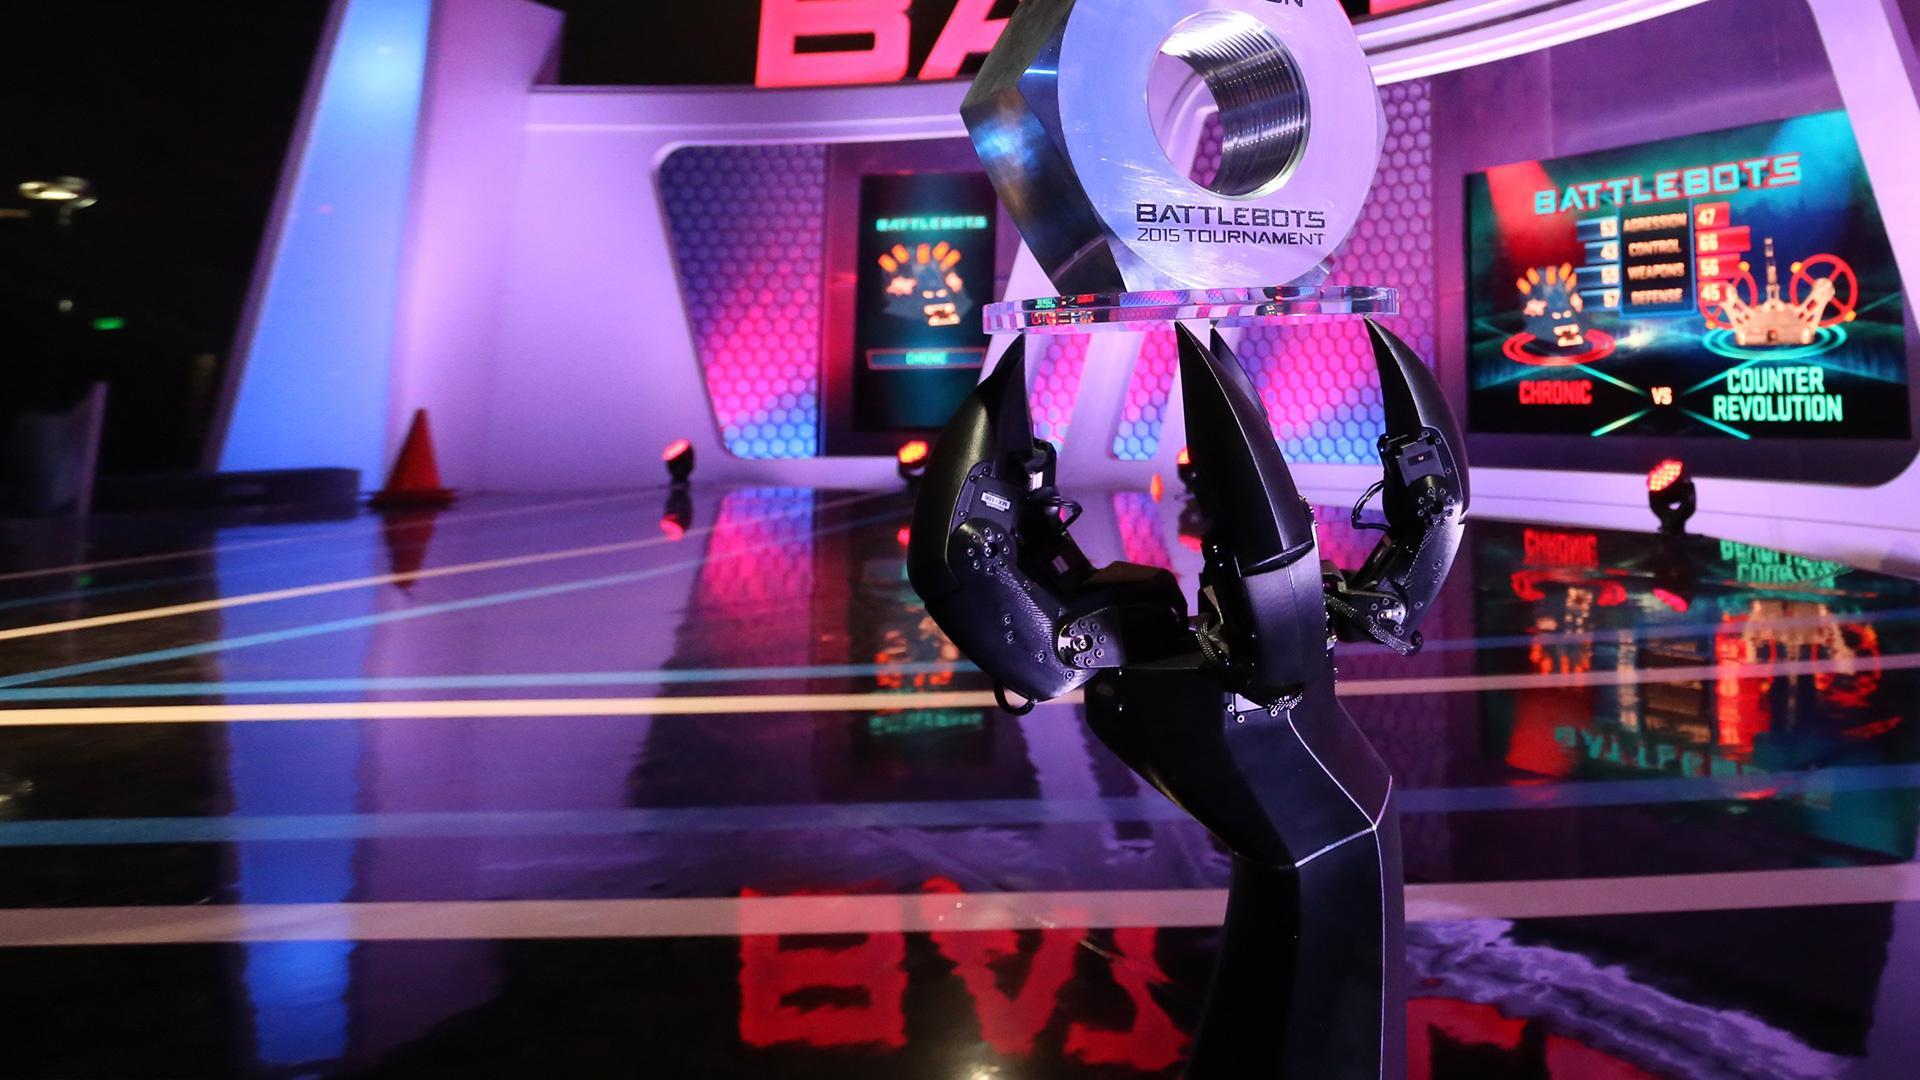 Blaze HD Battlebots: Botte da Robot